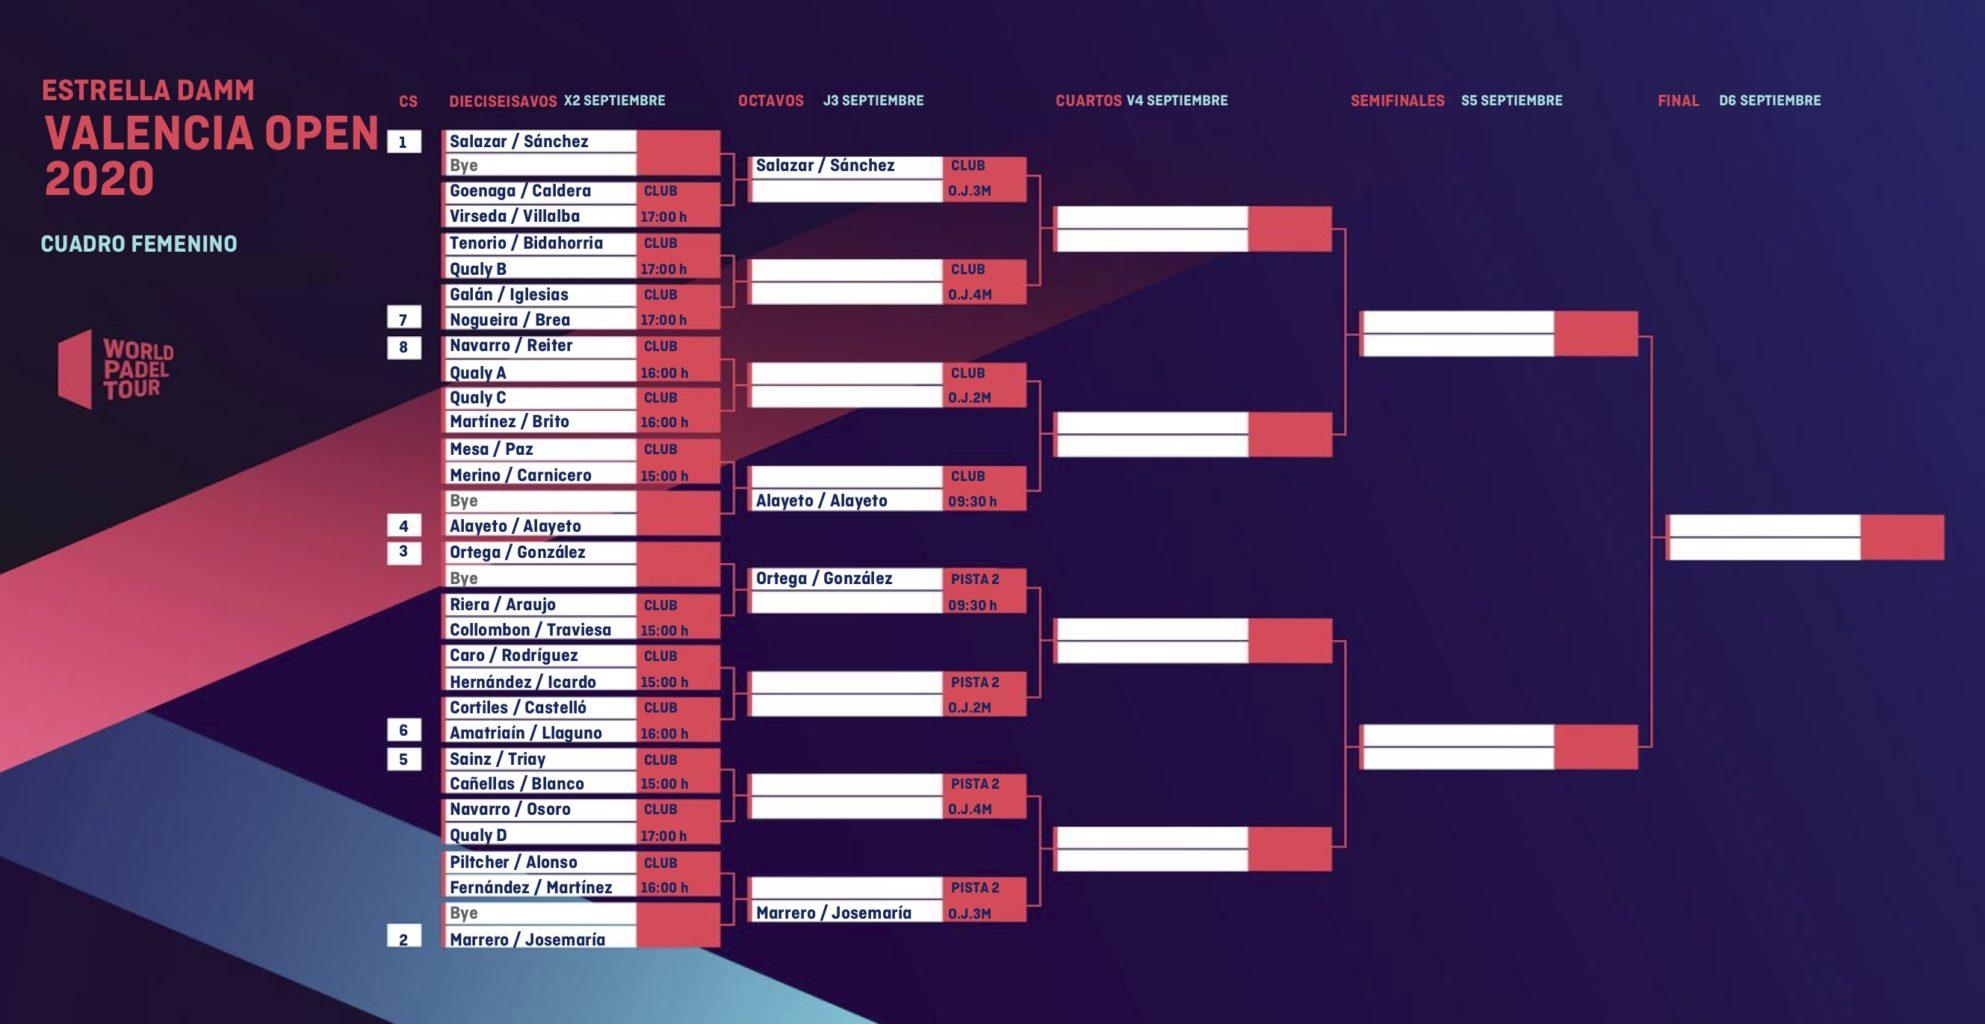 Cuadro final masculino del Estrella Damm Valencia Open 2020